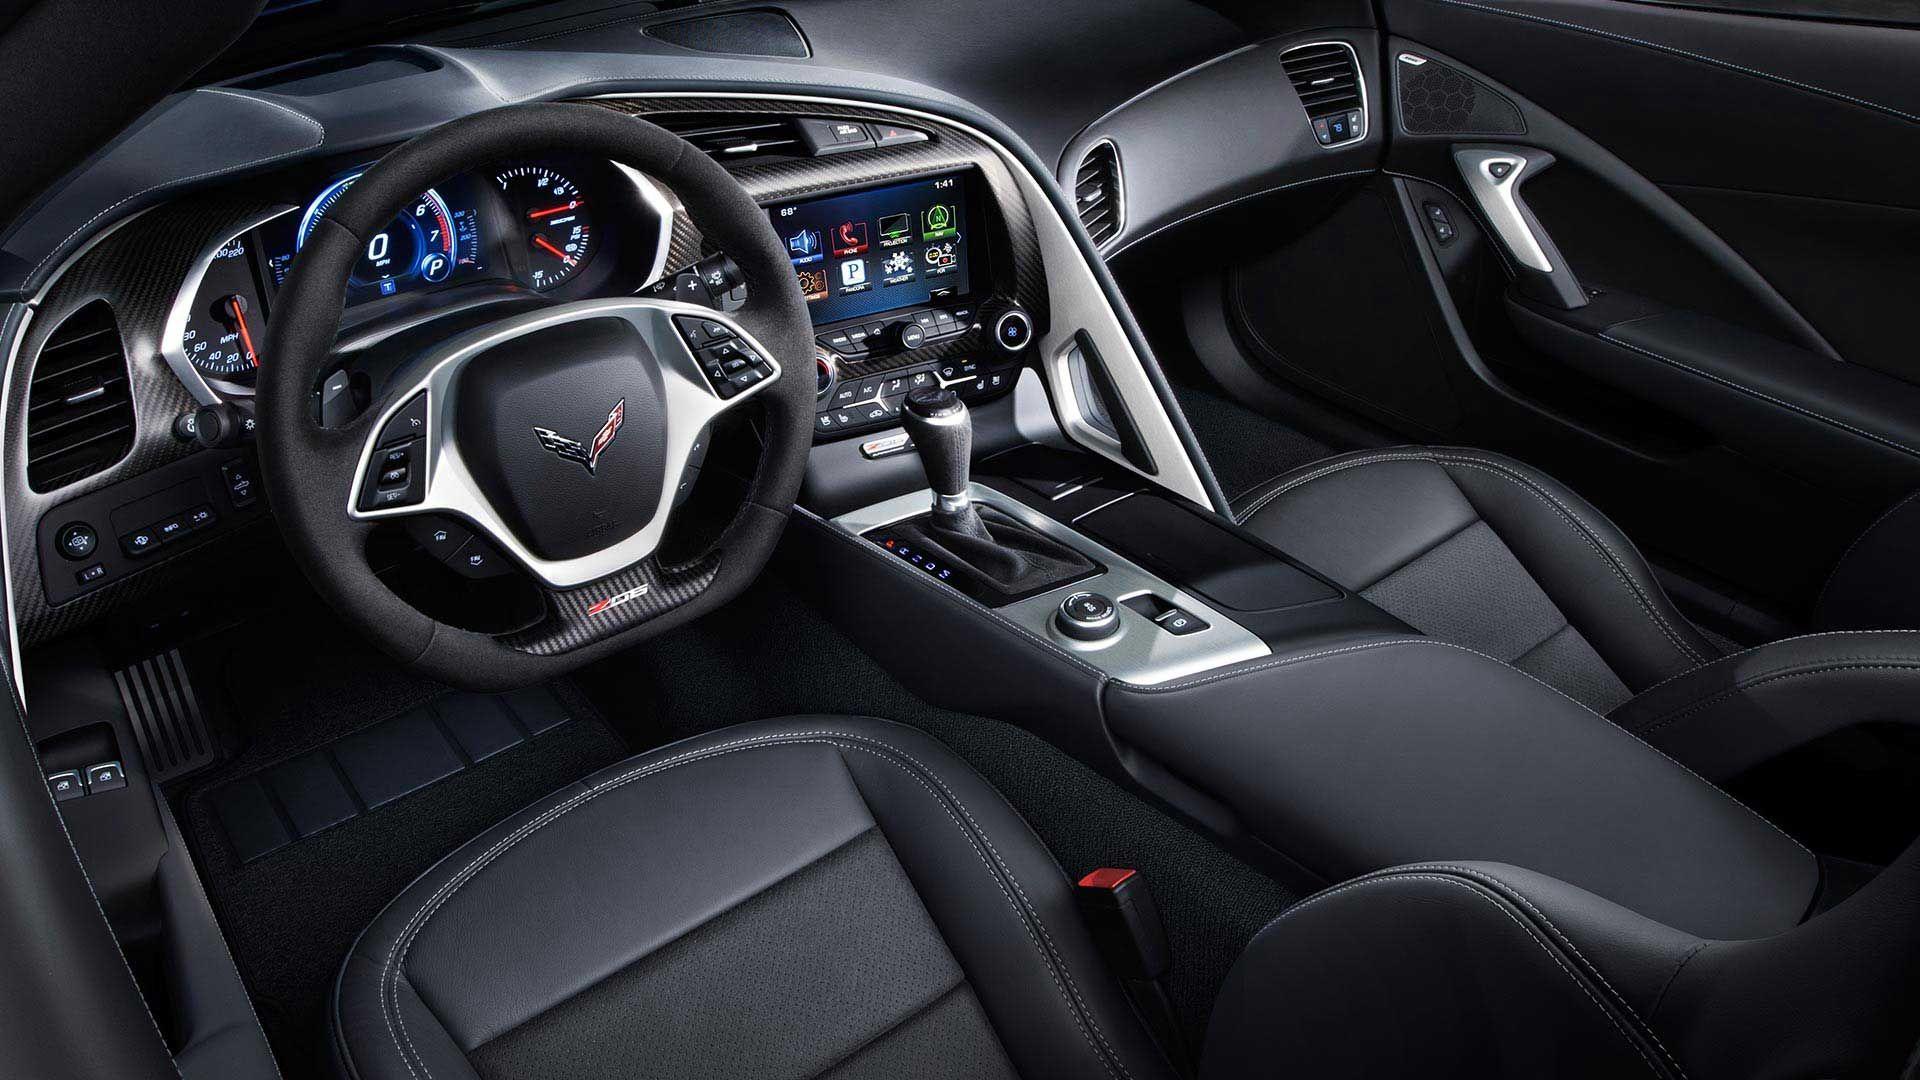 2016 Corvette Z06 Supercar Interior Photos Chevrolet Corvette Corvette Z06 Super Cars